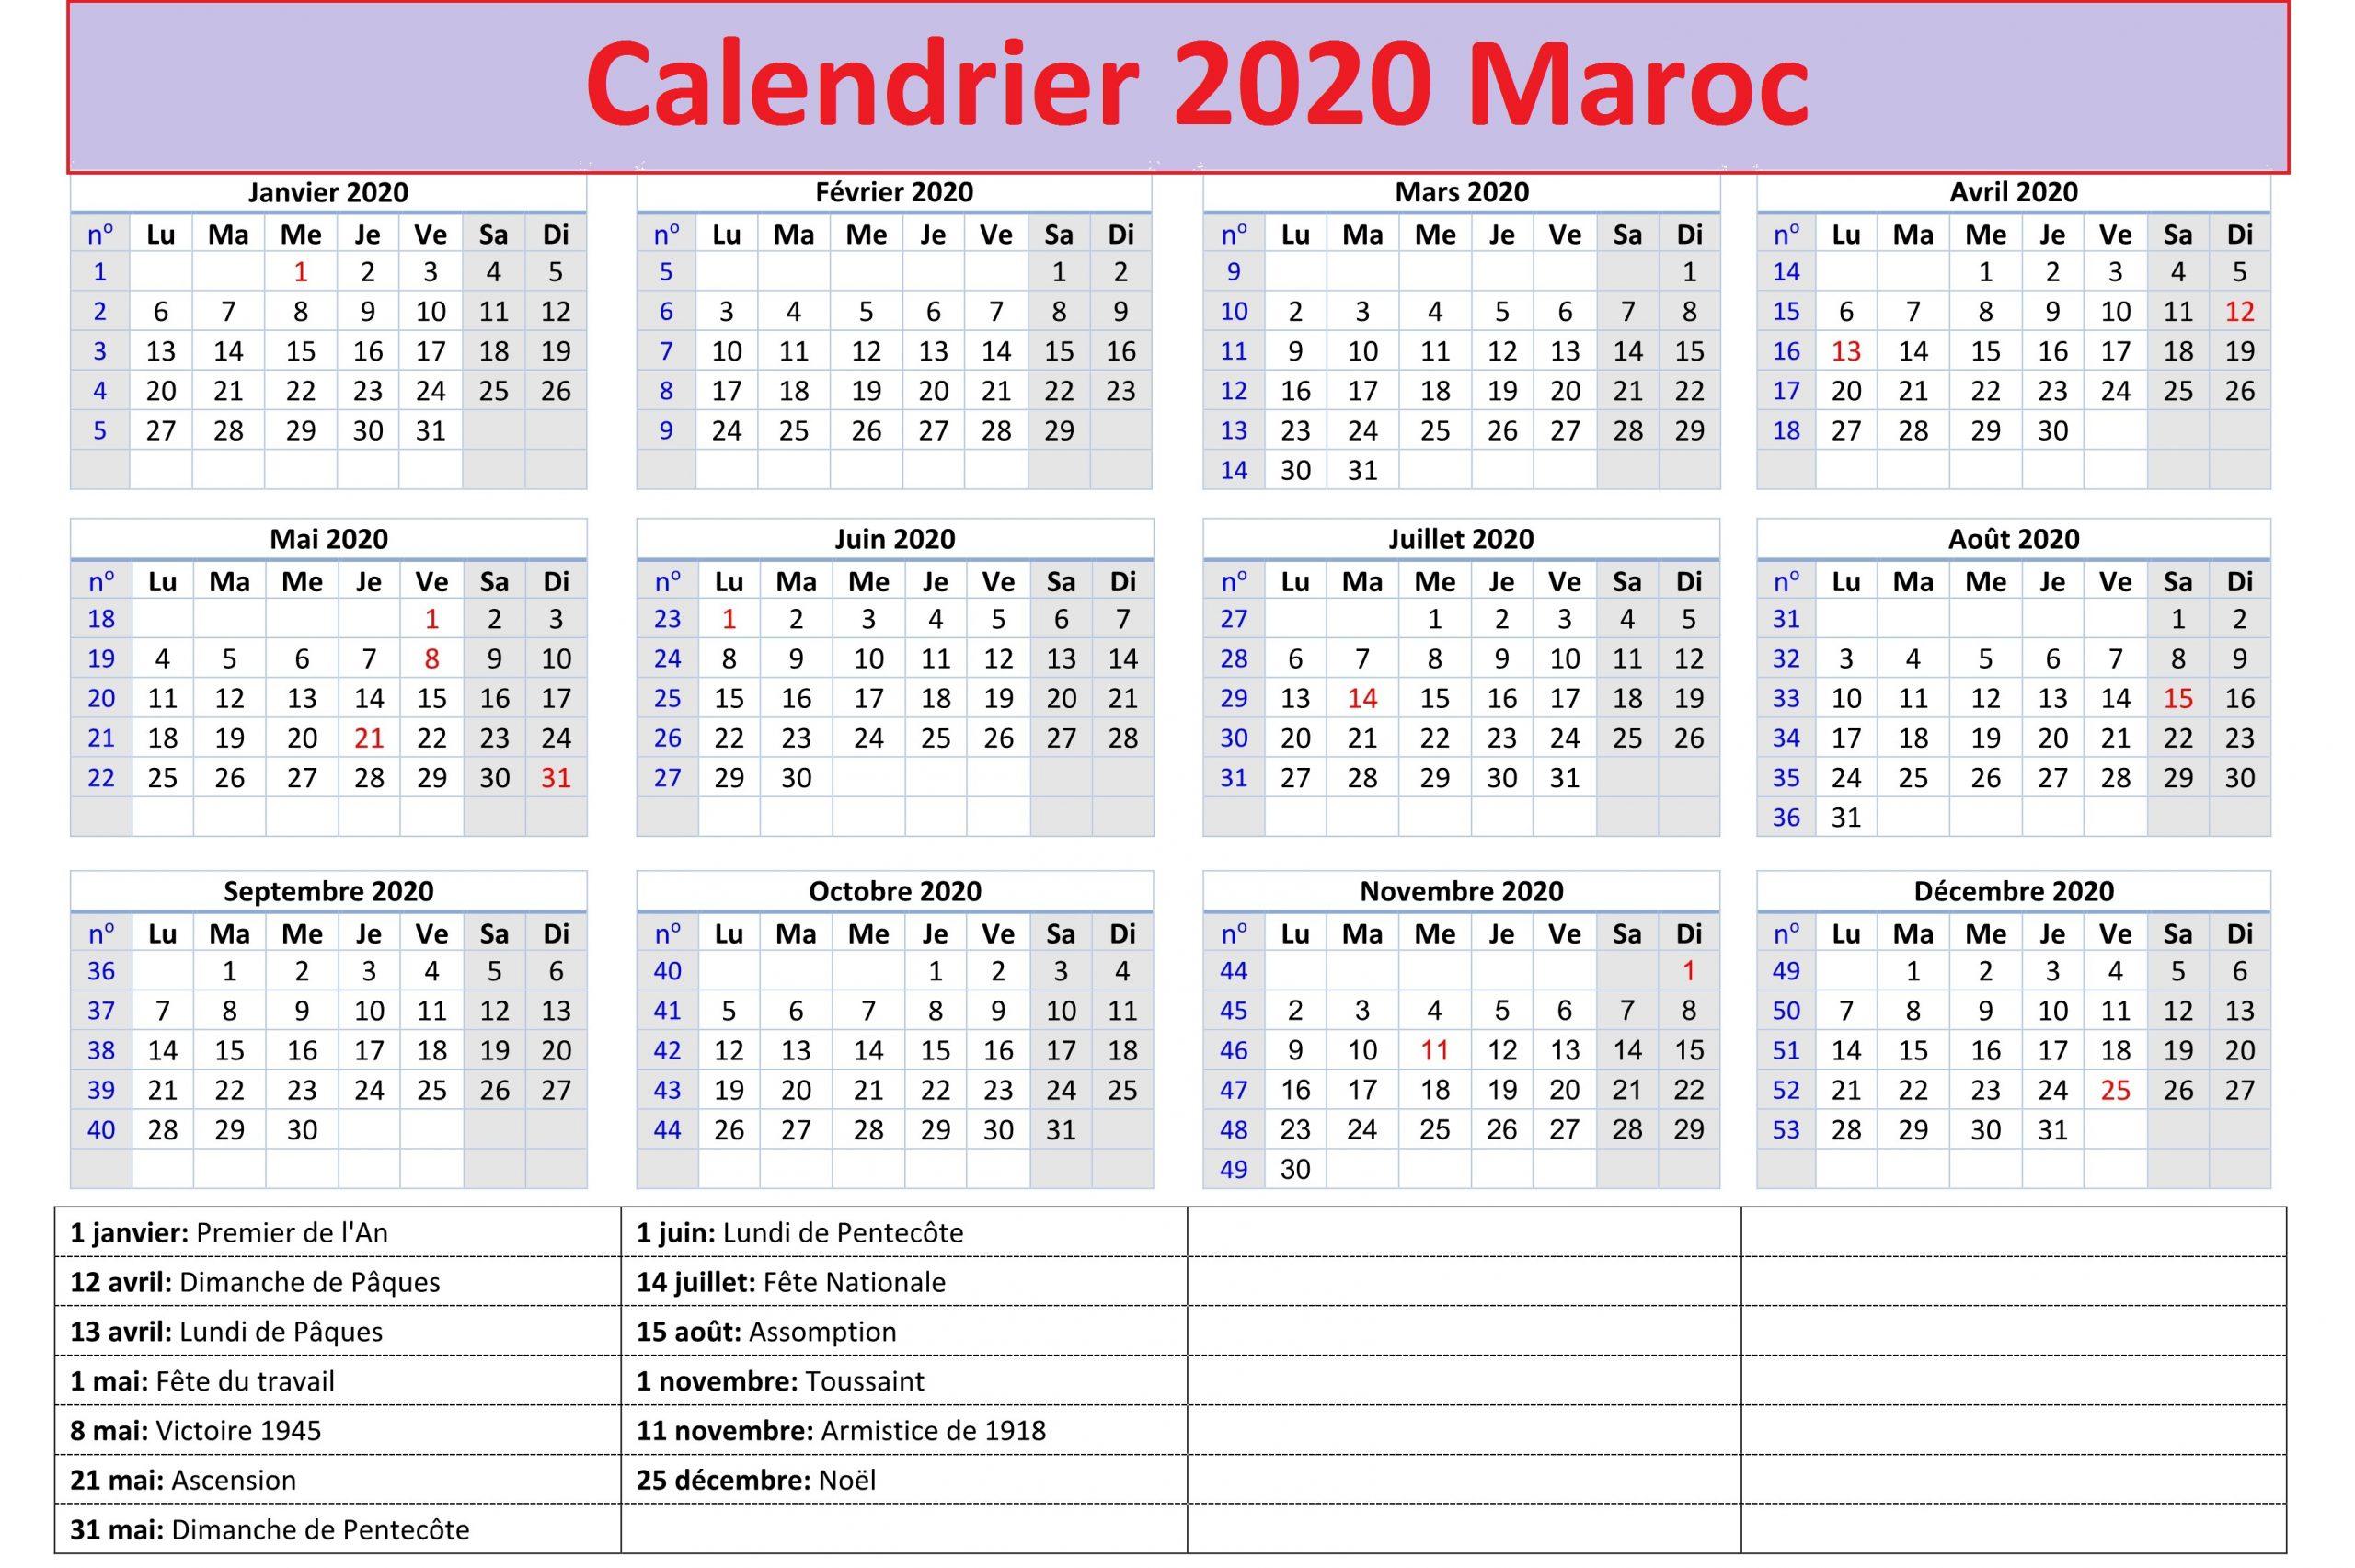 Calendrier 2020 Maroc Arabe